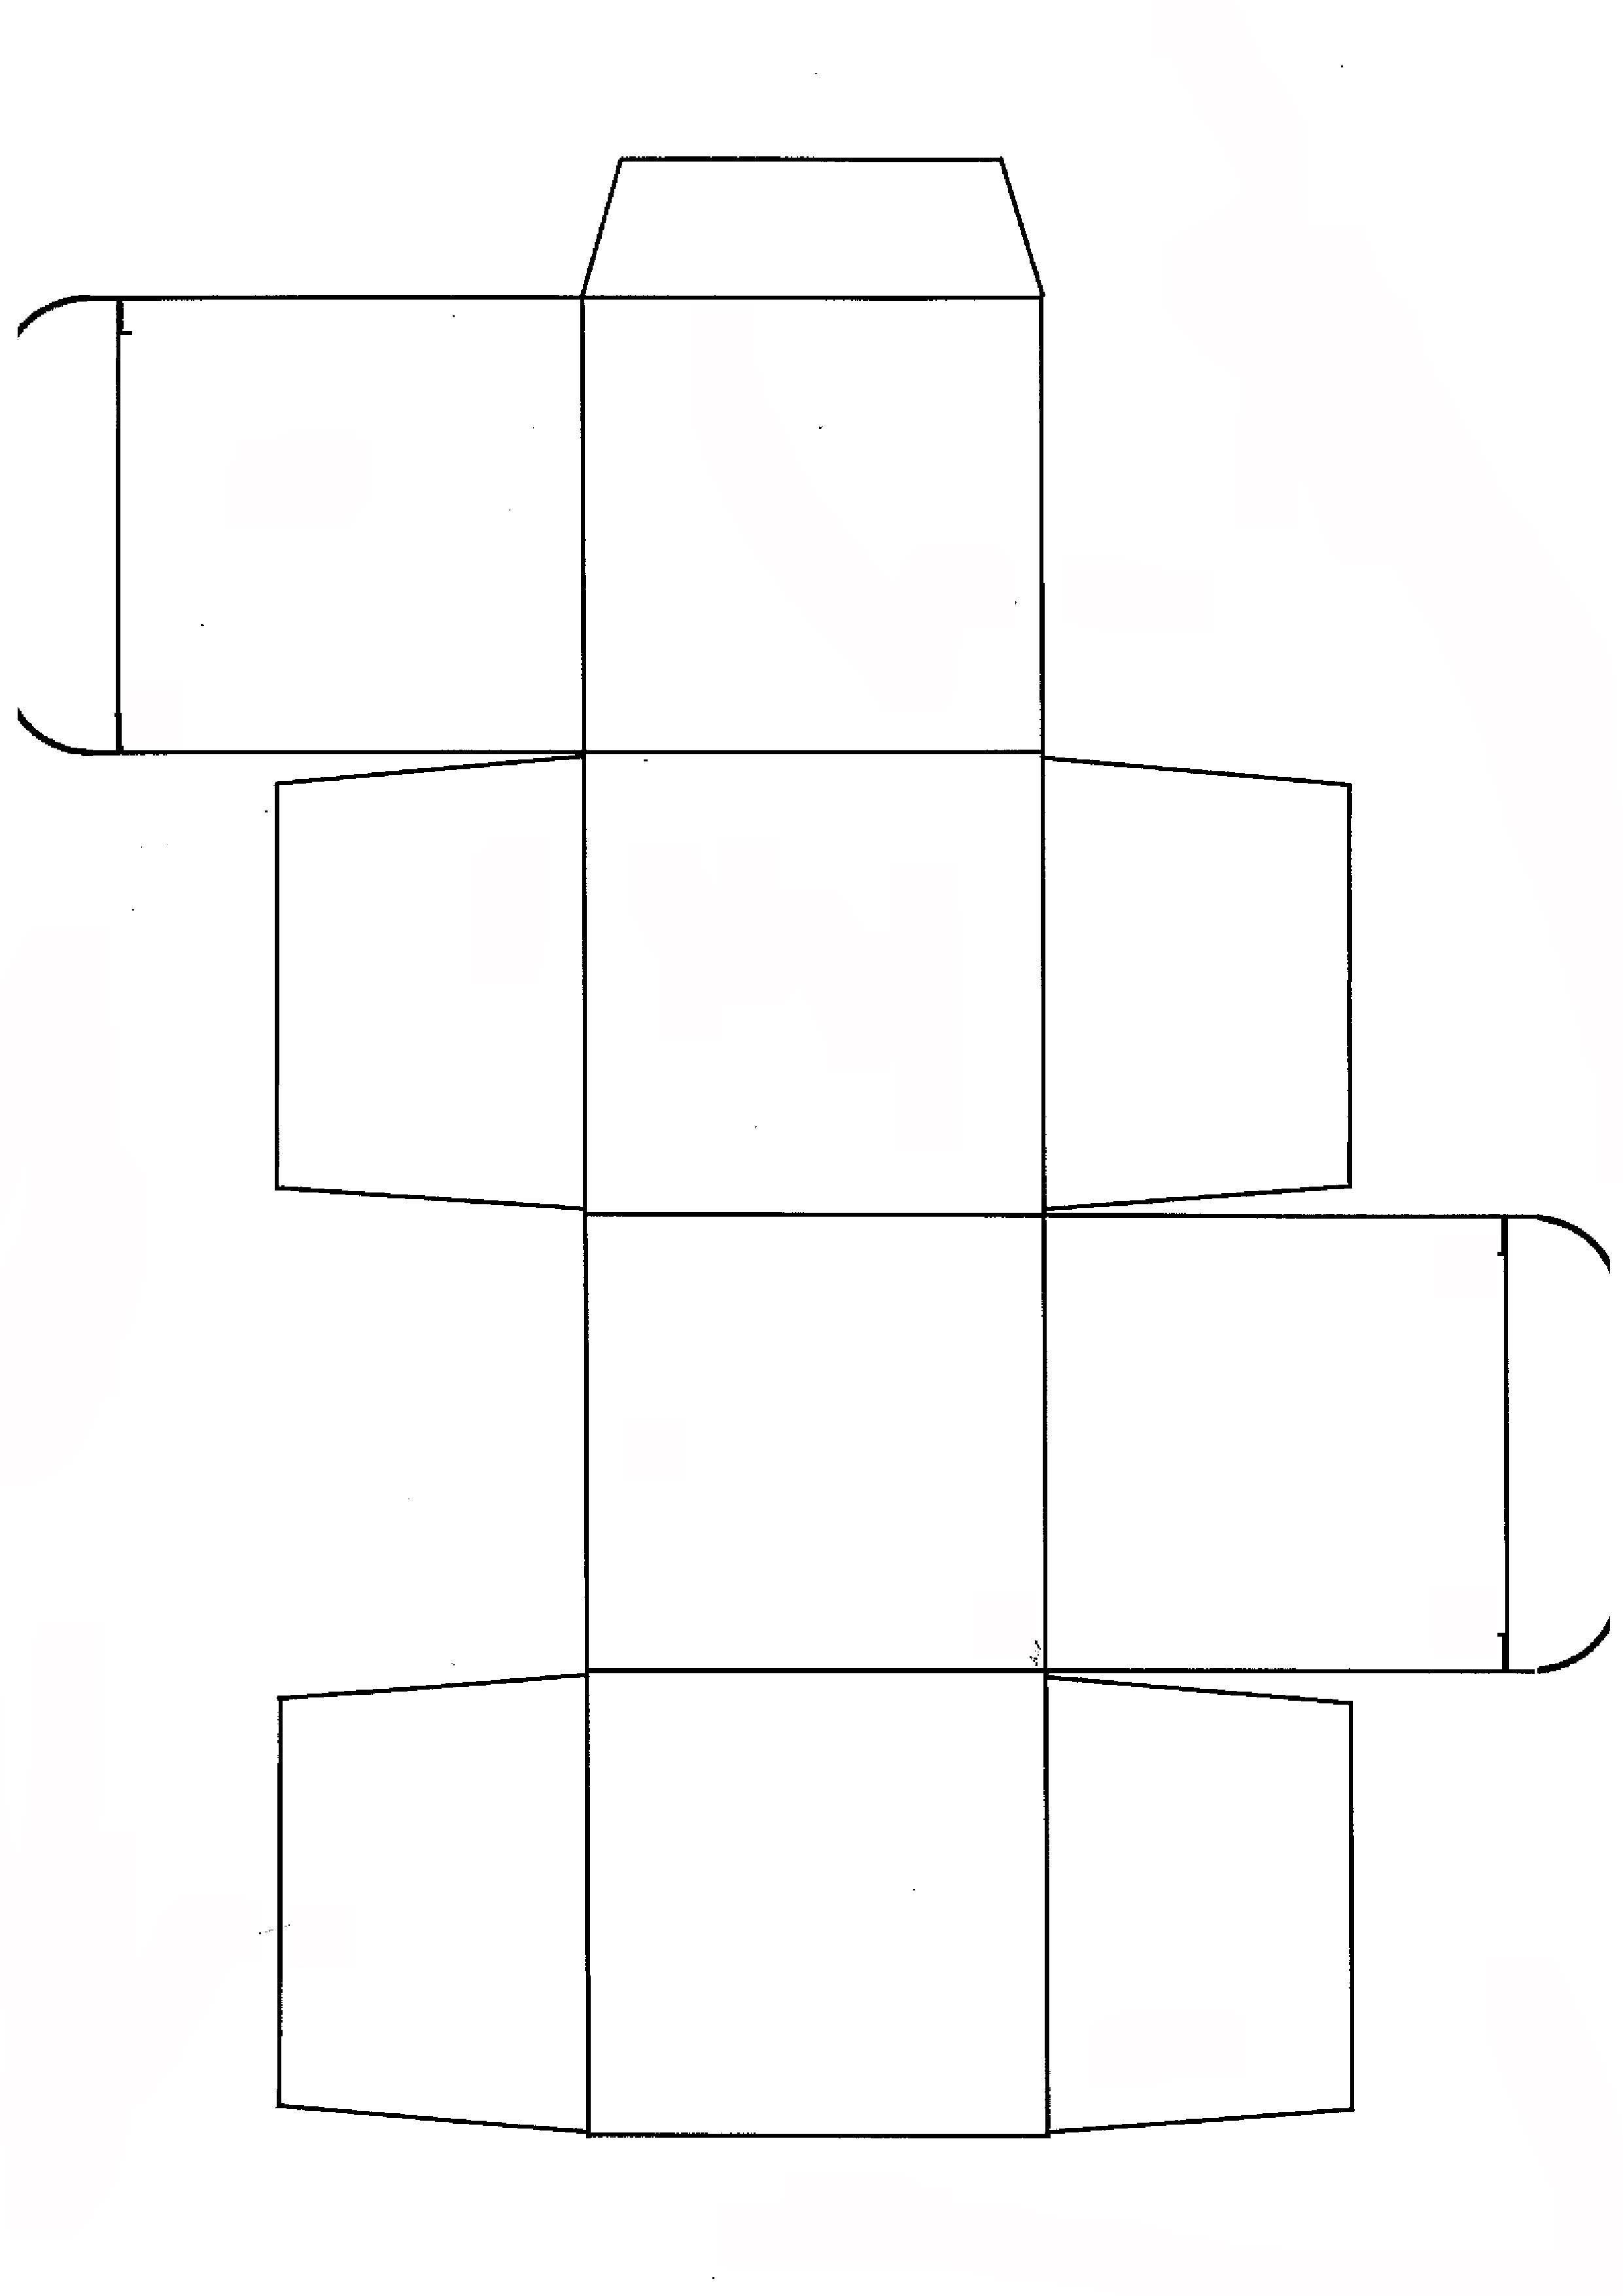 Как сделать объёмный куб из бумаги схема с размерами